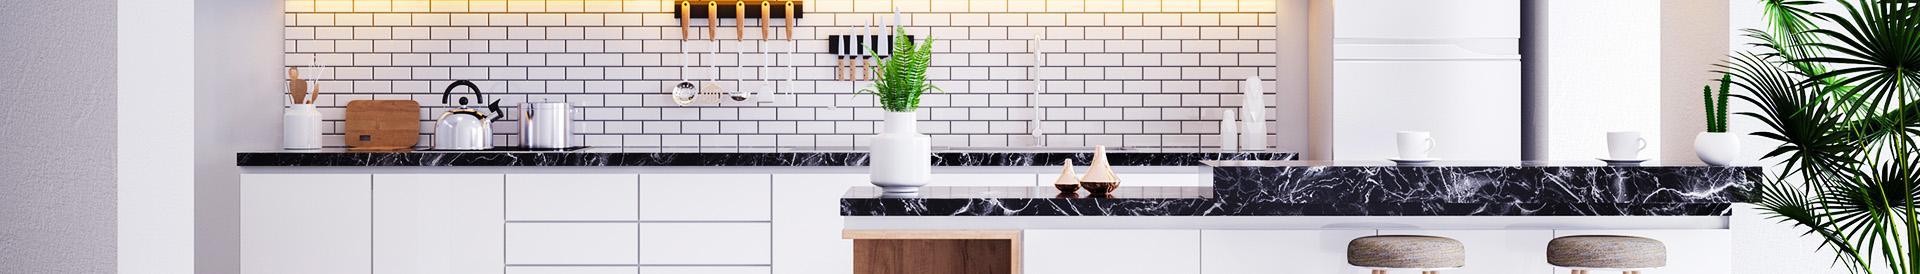 Kamienny blat w kuchni